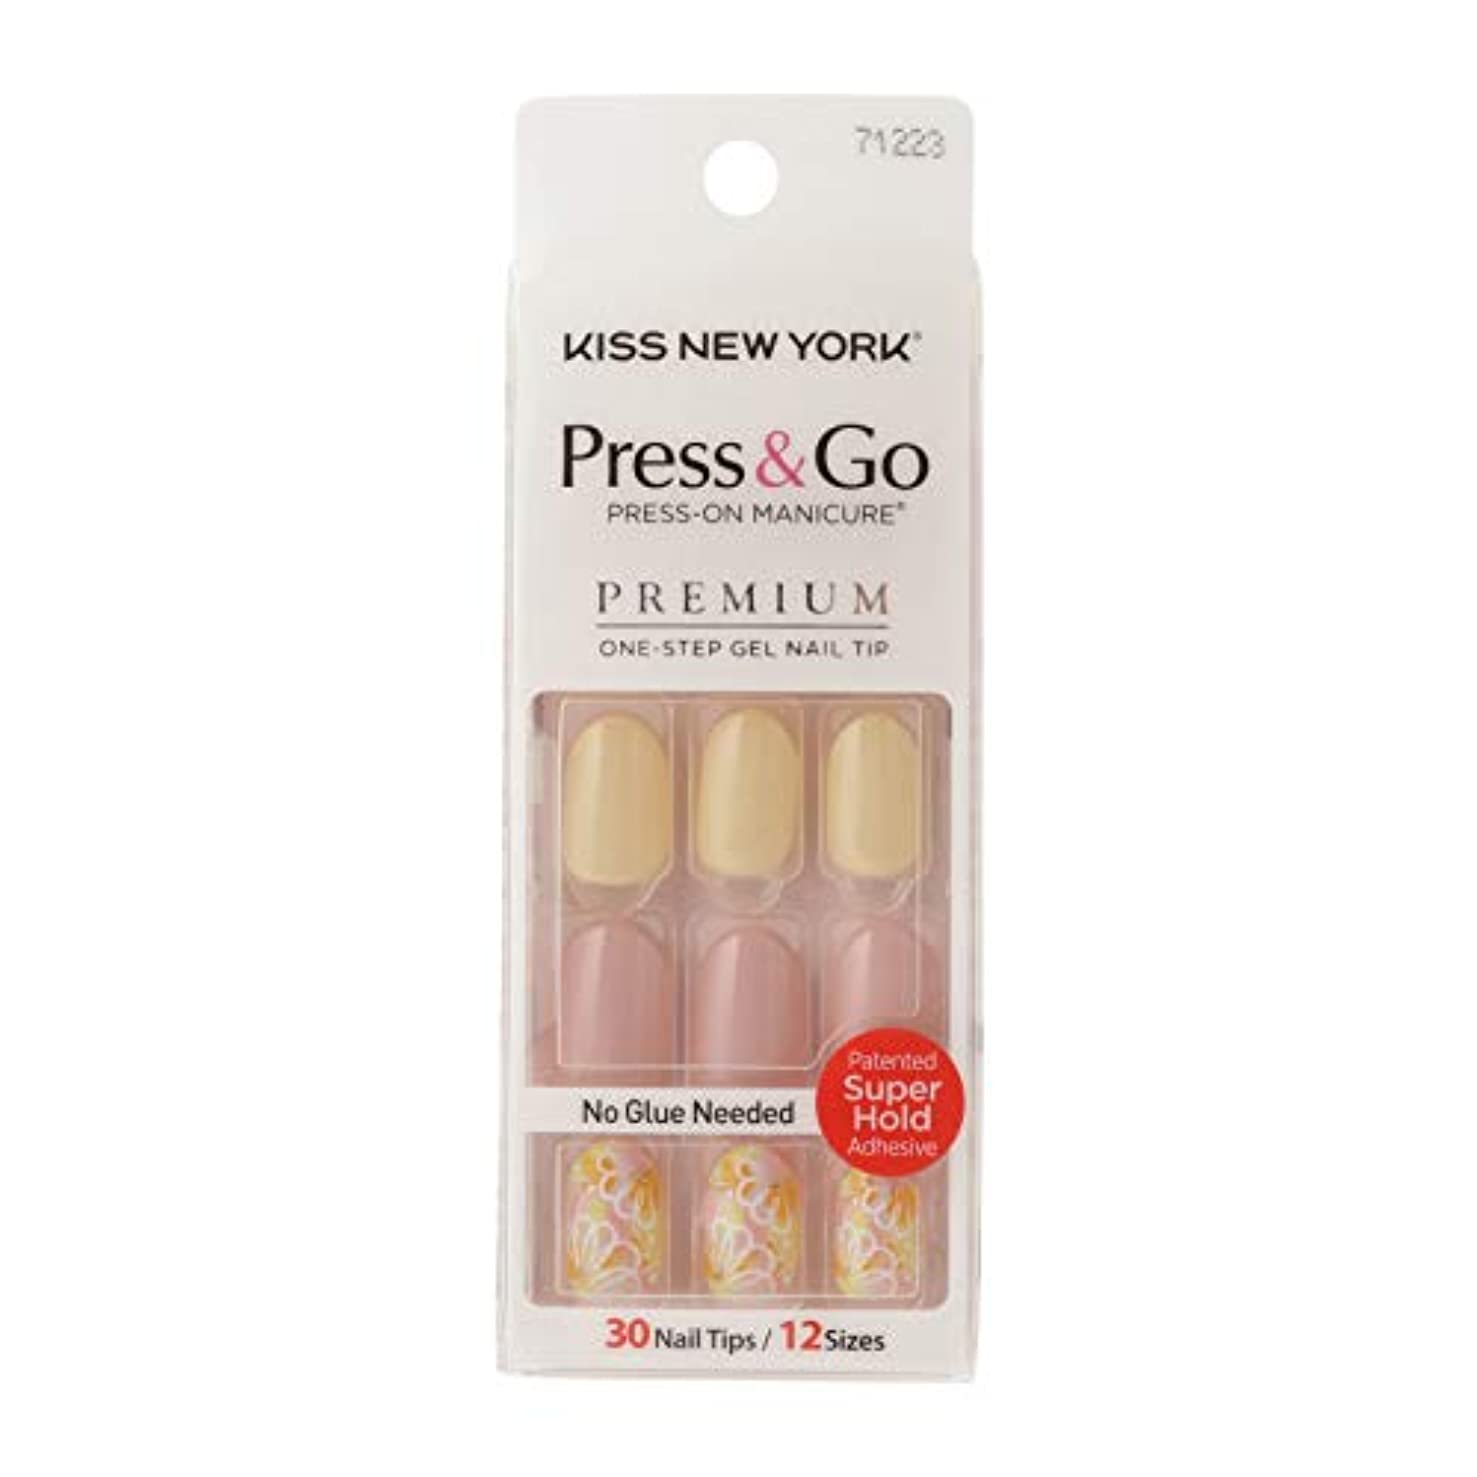 ホイップトリップラックキスニューヨーク (KISS NEW YORK) KISS NEWYORK ネイルチップPress&Go BHJ33J 19g